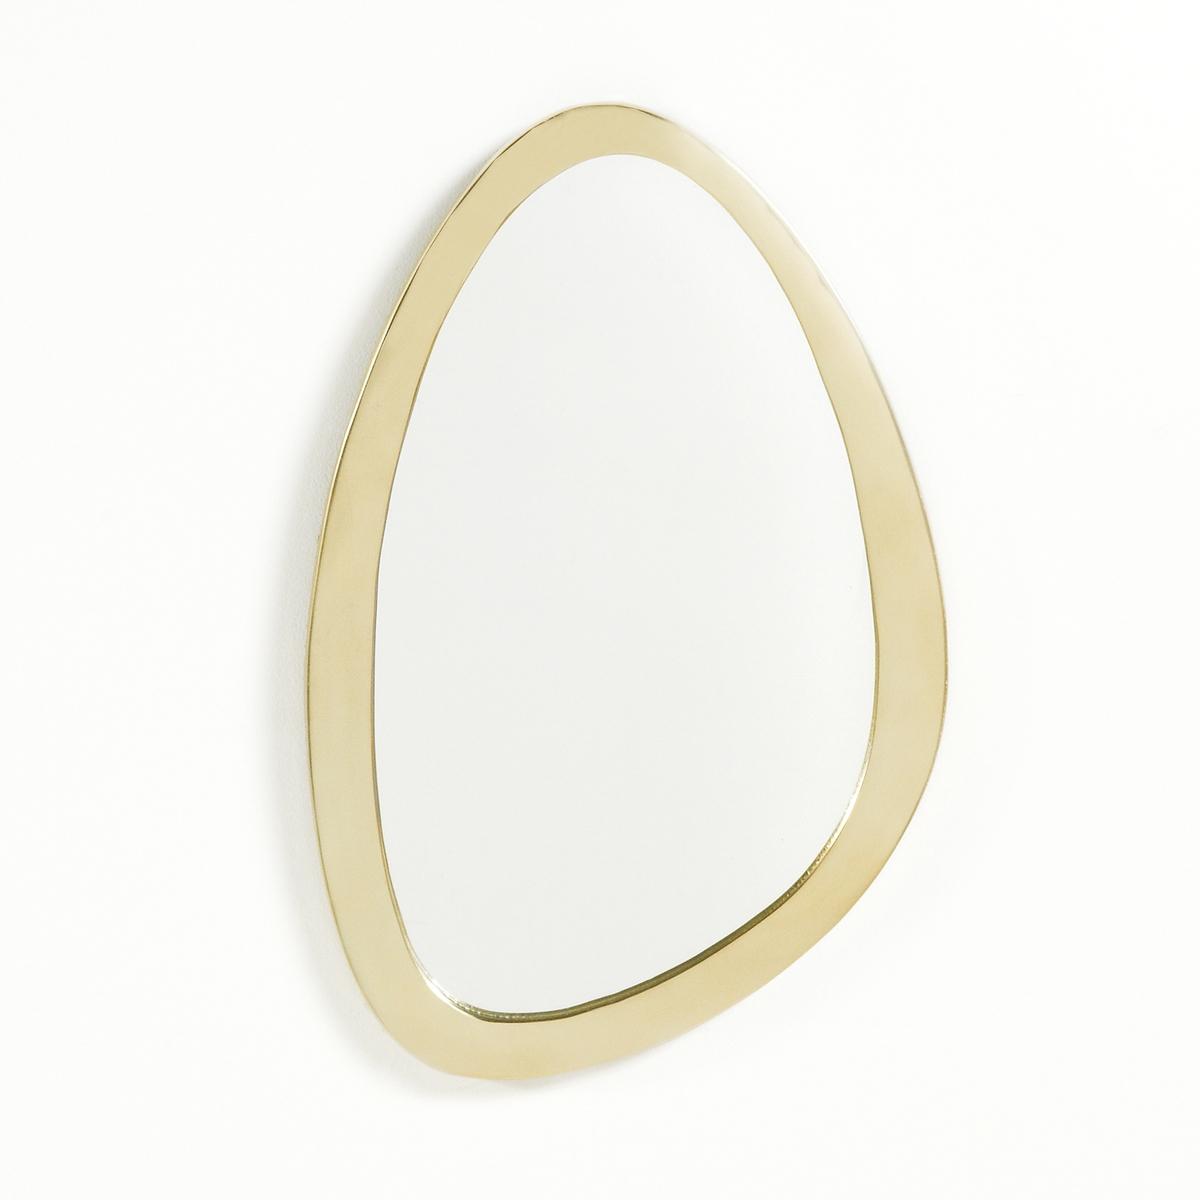 Зеркало латунноеЭто оригинальное зеркало в стиле 60-х удивит Ваших гостей своим необычным дизайном и подчеркнет Ваш вкус.  Характеристики зеркала:Литая алюминиевая оправа с латунной отделкой.2 крючка для крепления на стену (горизонтально или вертикально)- Шурупы и дюбеля не прилагаются.Размеры зеркала:Д26 x В40 см<br><br>Цвет: латунь<br>Размер: единый размер